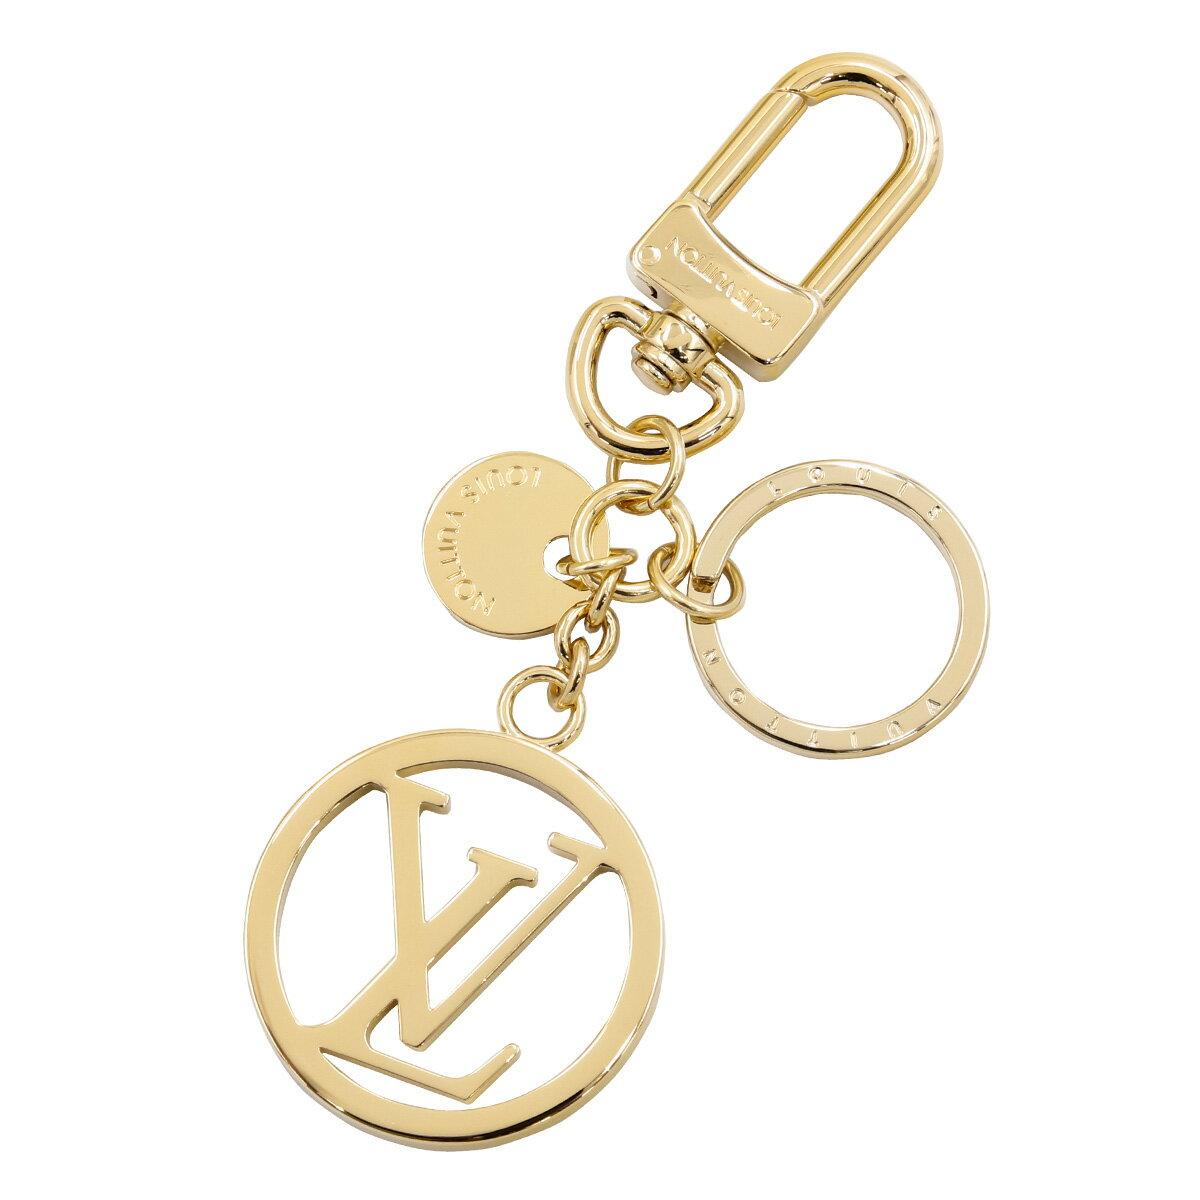 新品 新作 ルイヴィトン Louis Vuitton キーリング レディース キーホルダー バッグ チャーム・LV サークル ゴールド M68000 正規品 セール 新生活 入学祝い 2018 ブランド品